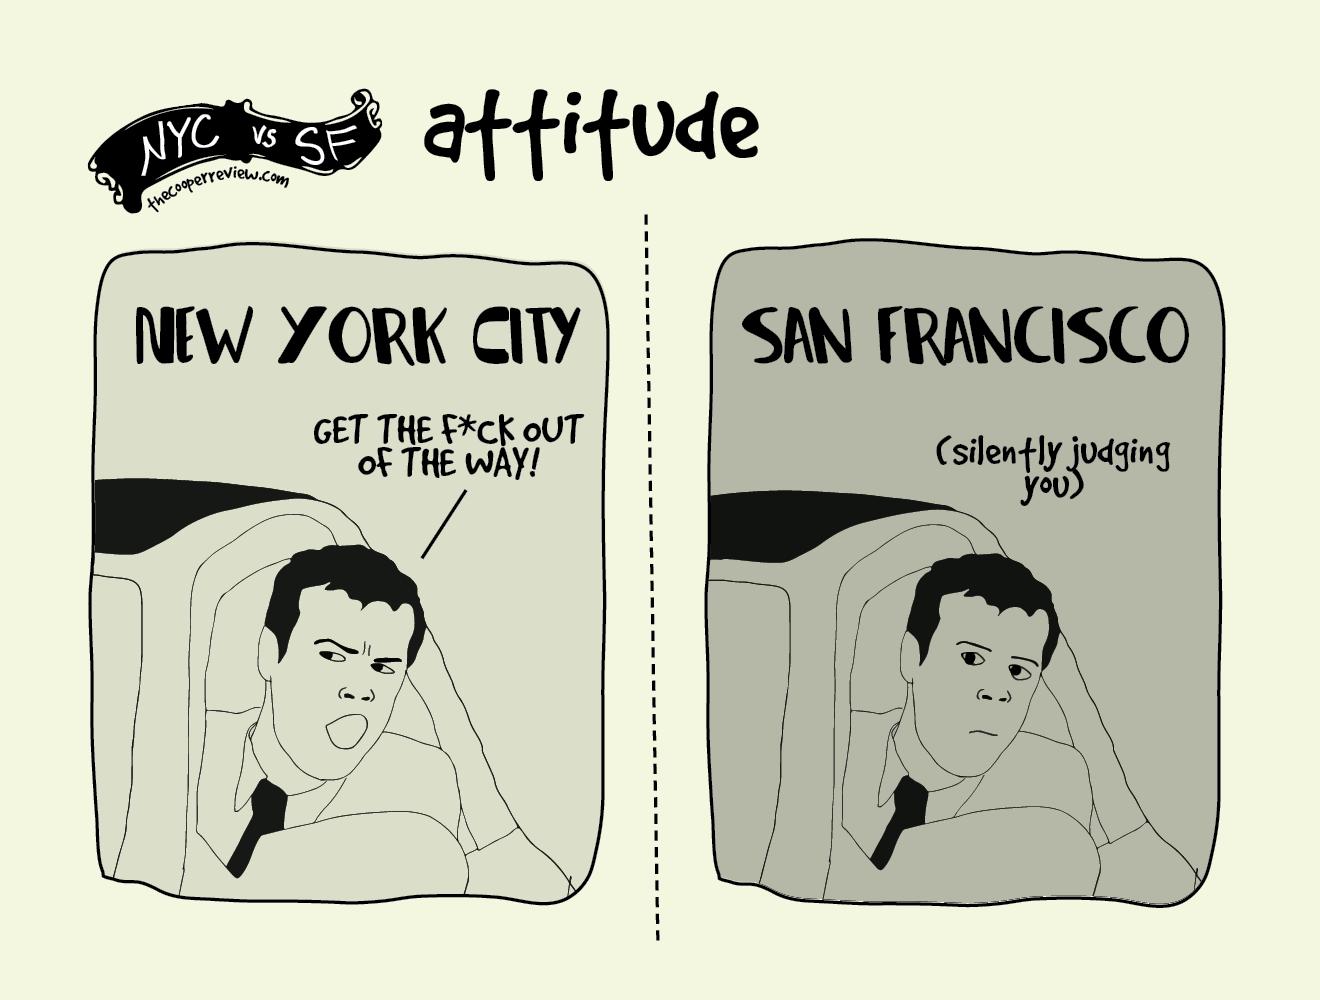 San Francisco vs New York